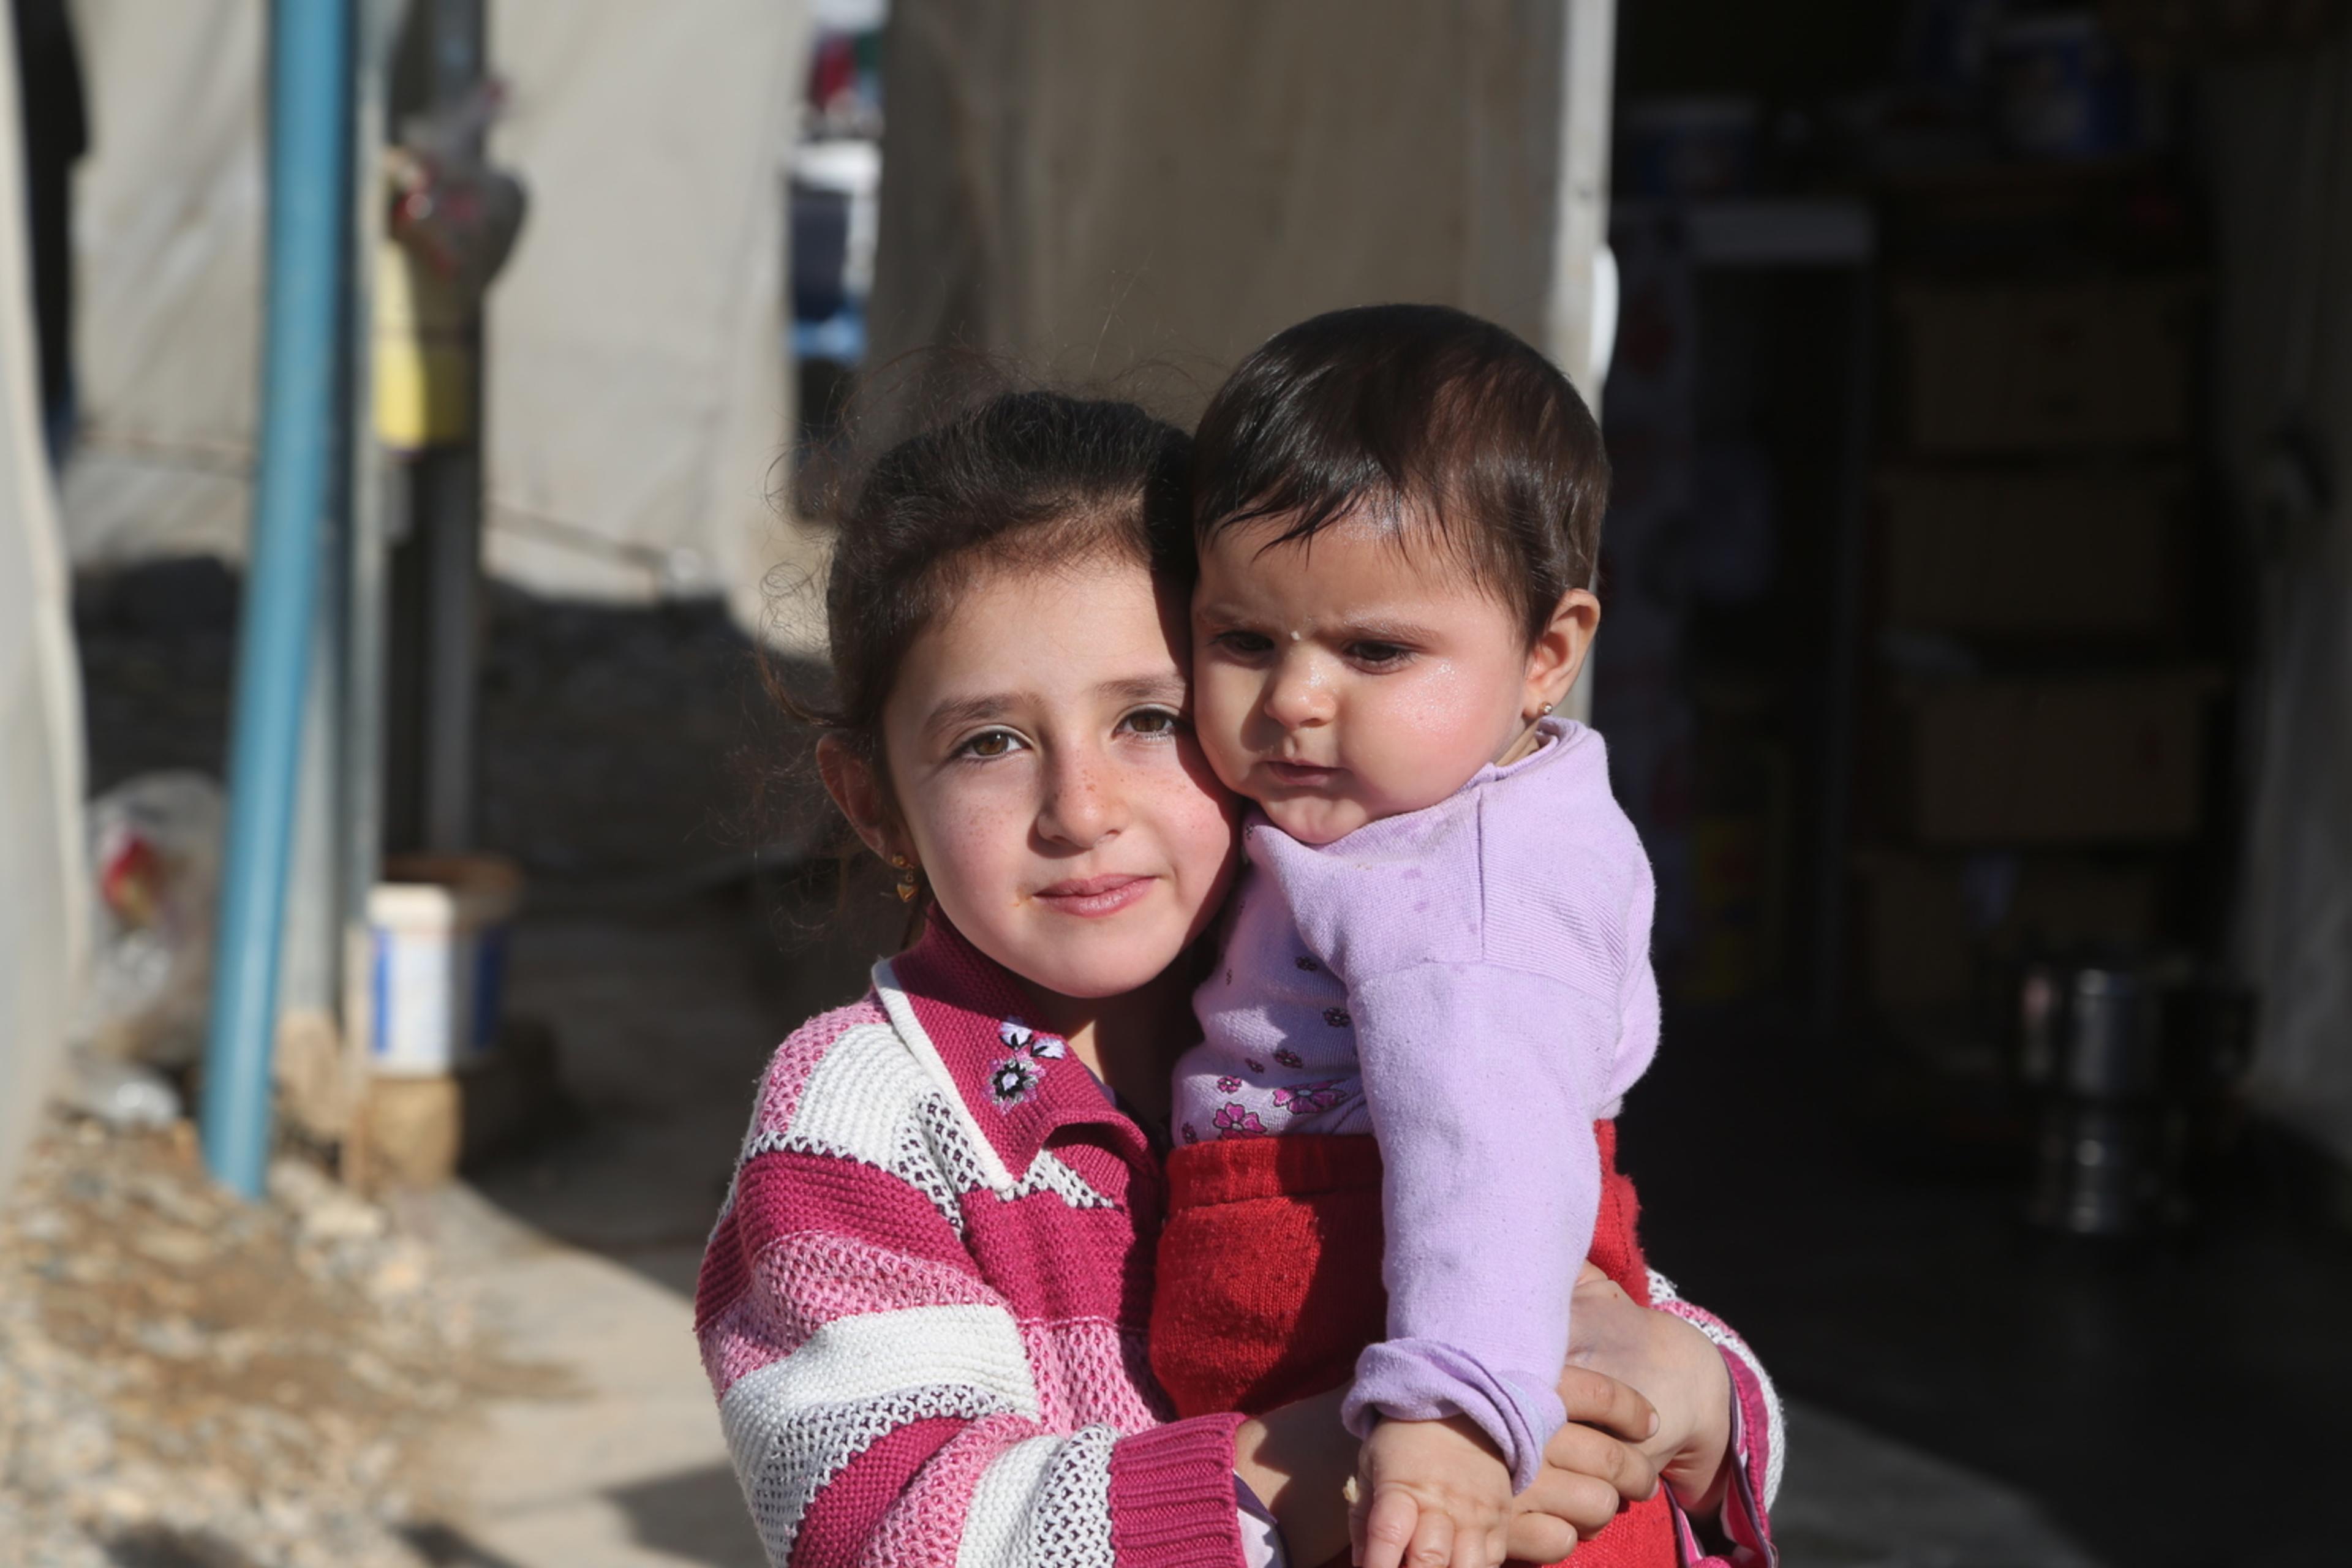 © UNICEF/UN048841/Ergen